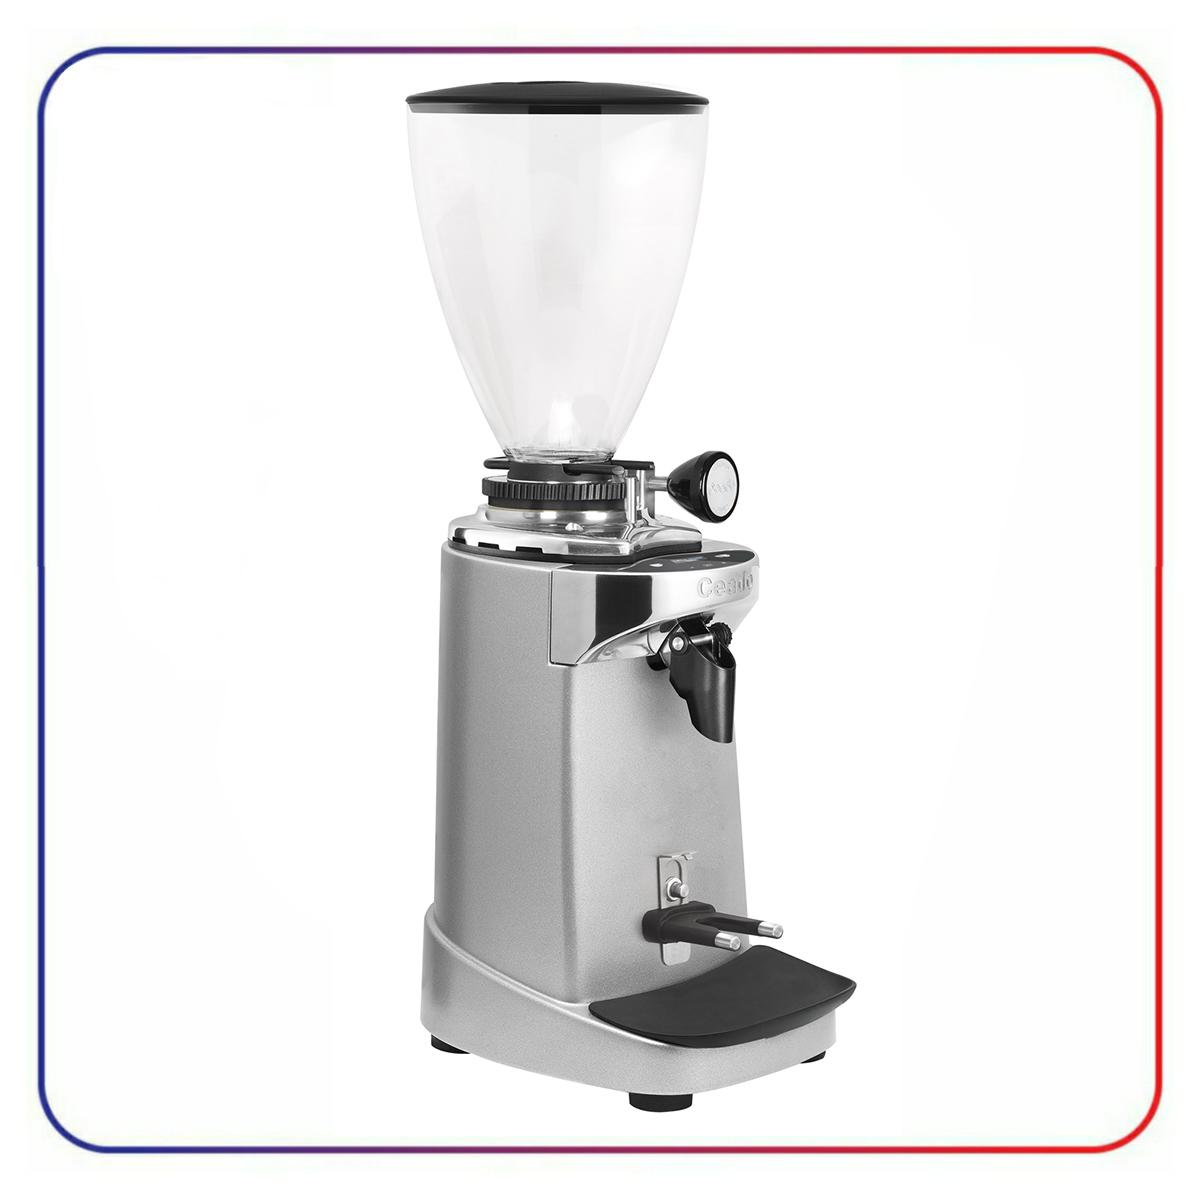 آسیاب قهوه سیدو آندیمند CEADO E37SL